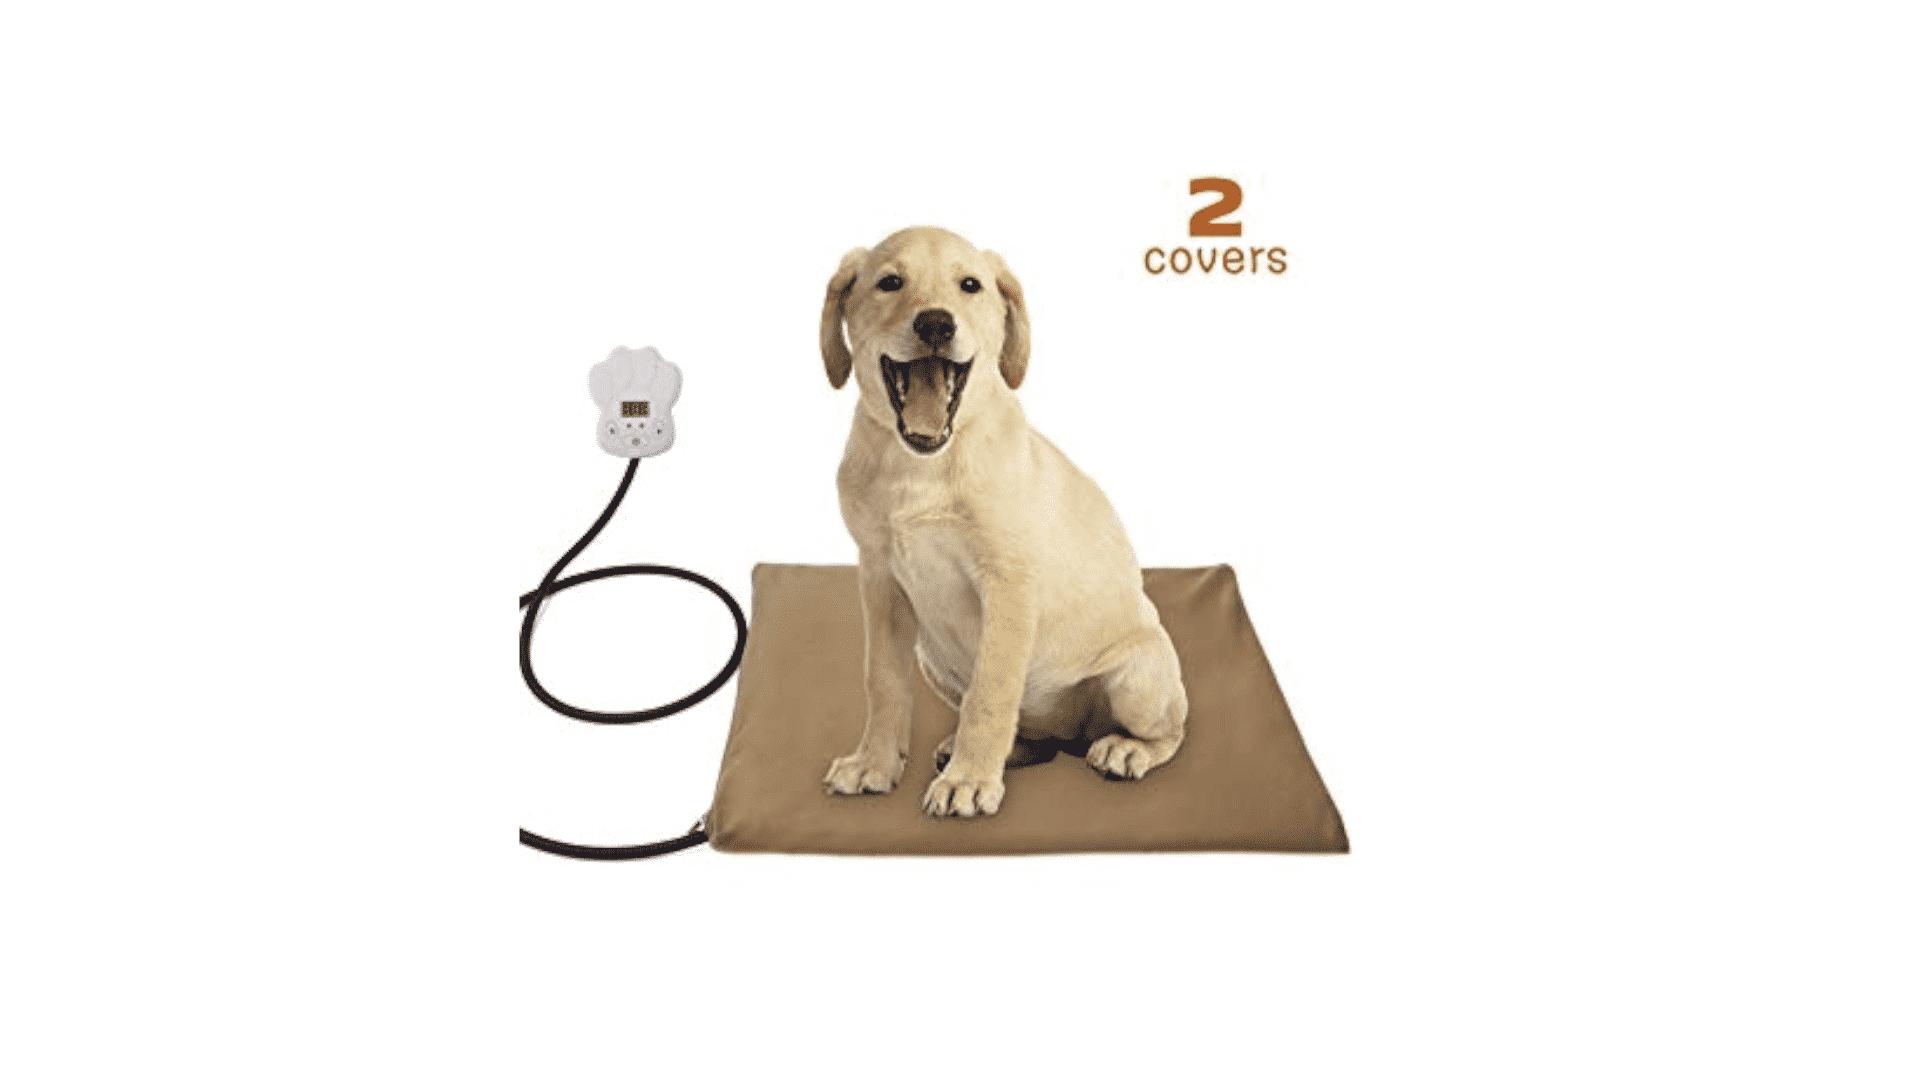 coussins et tapis chauffants pour chien